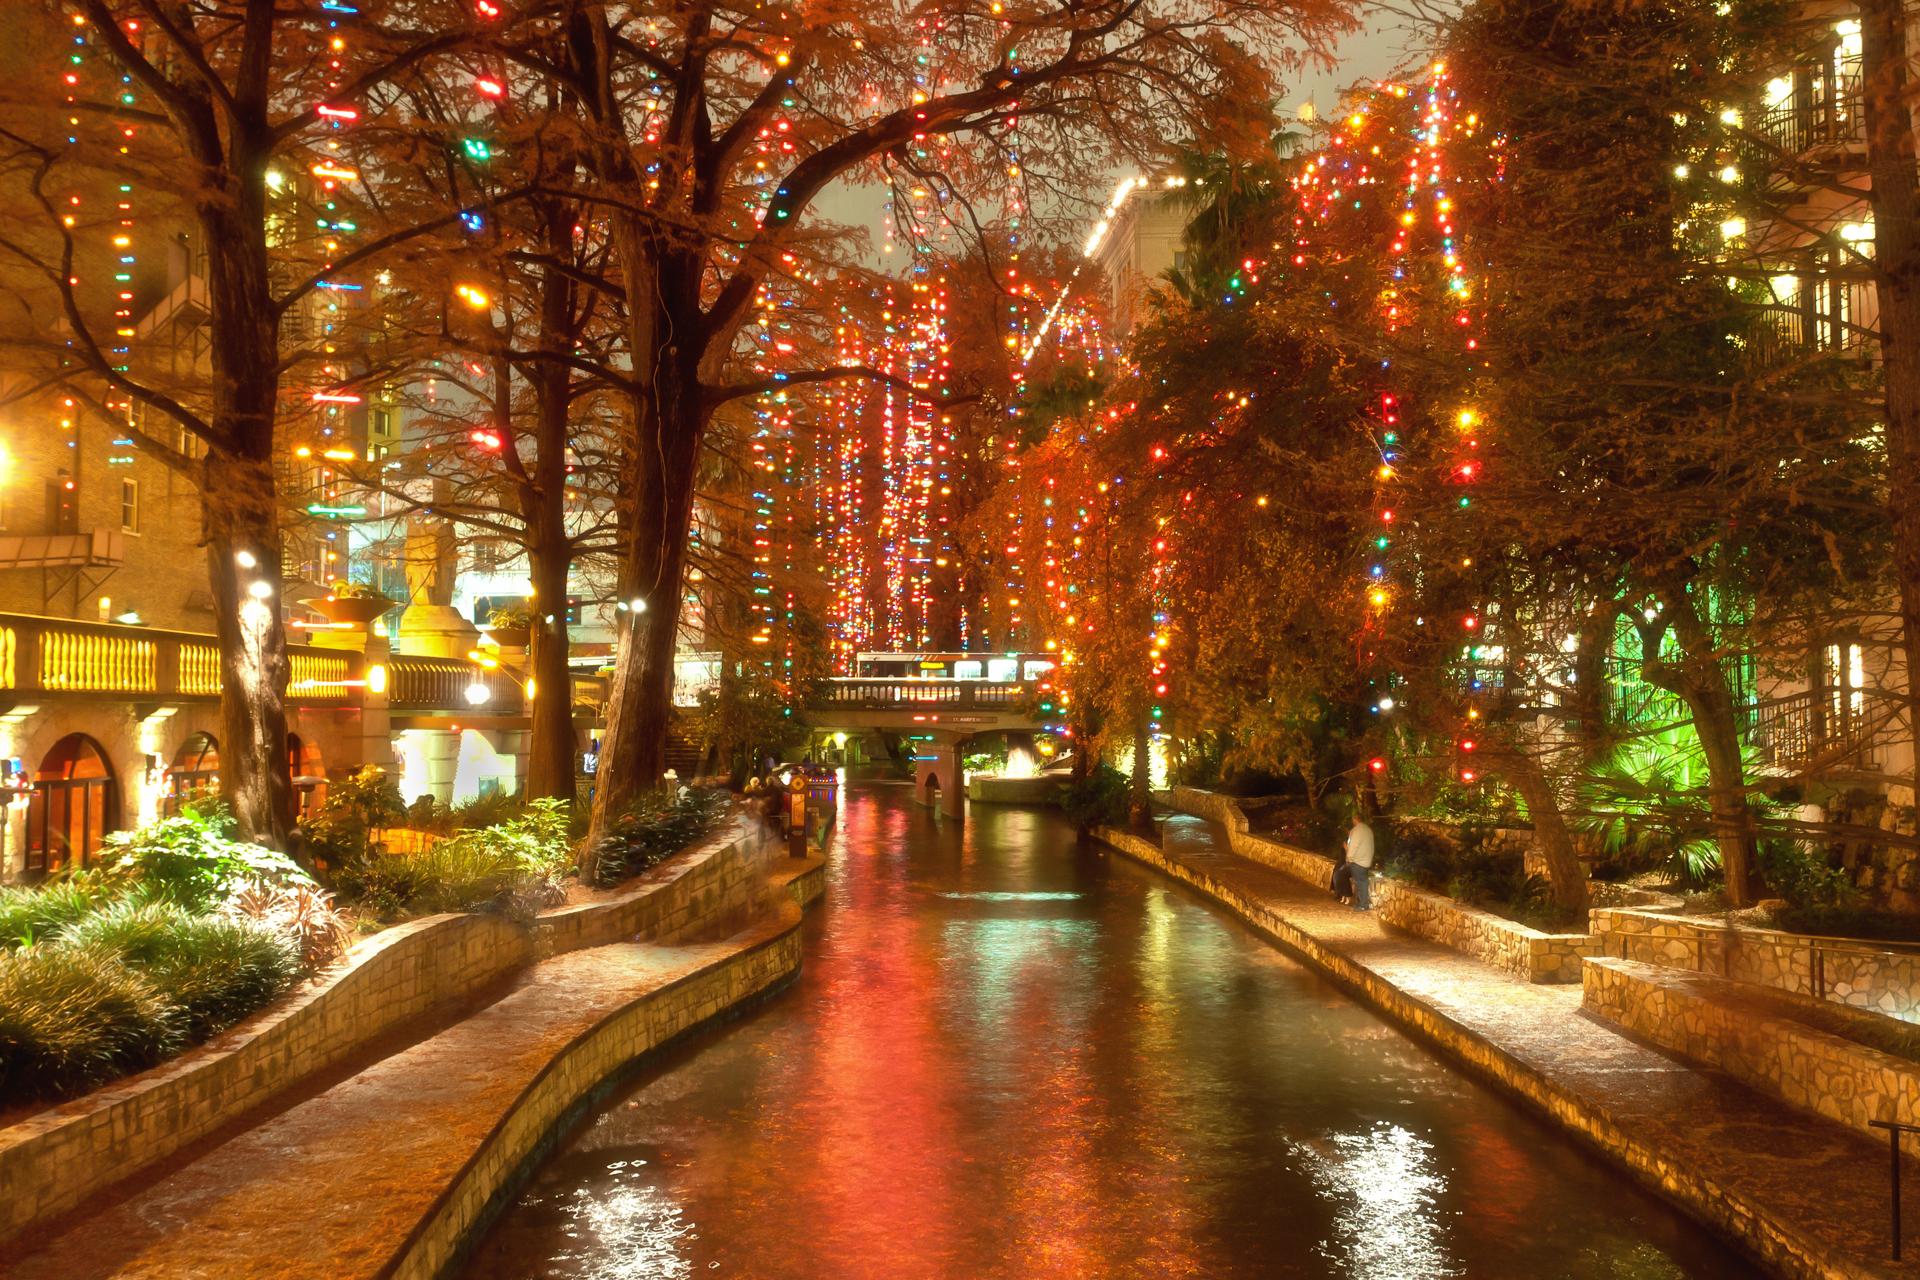 San Antonio Holiday Events 2016